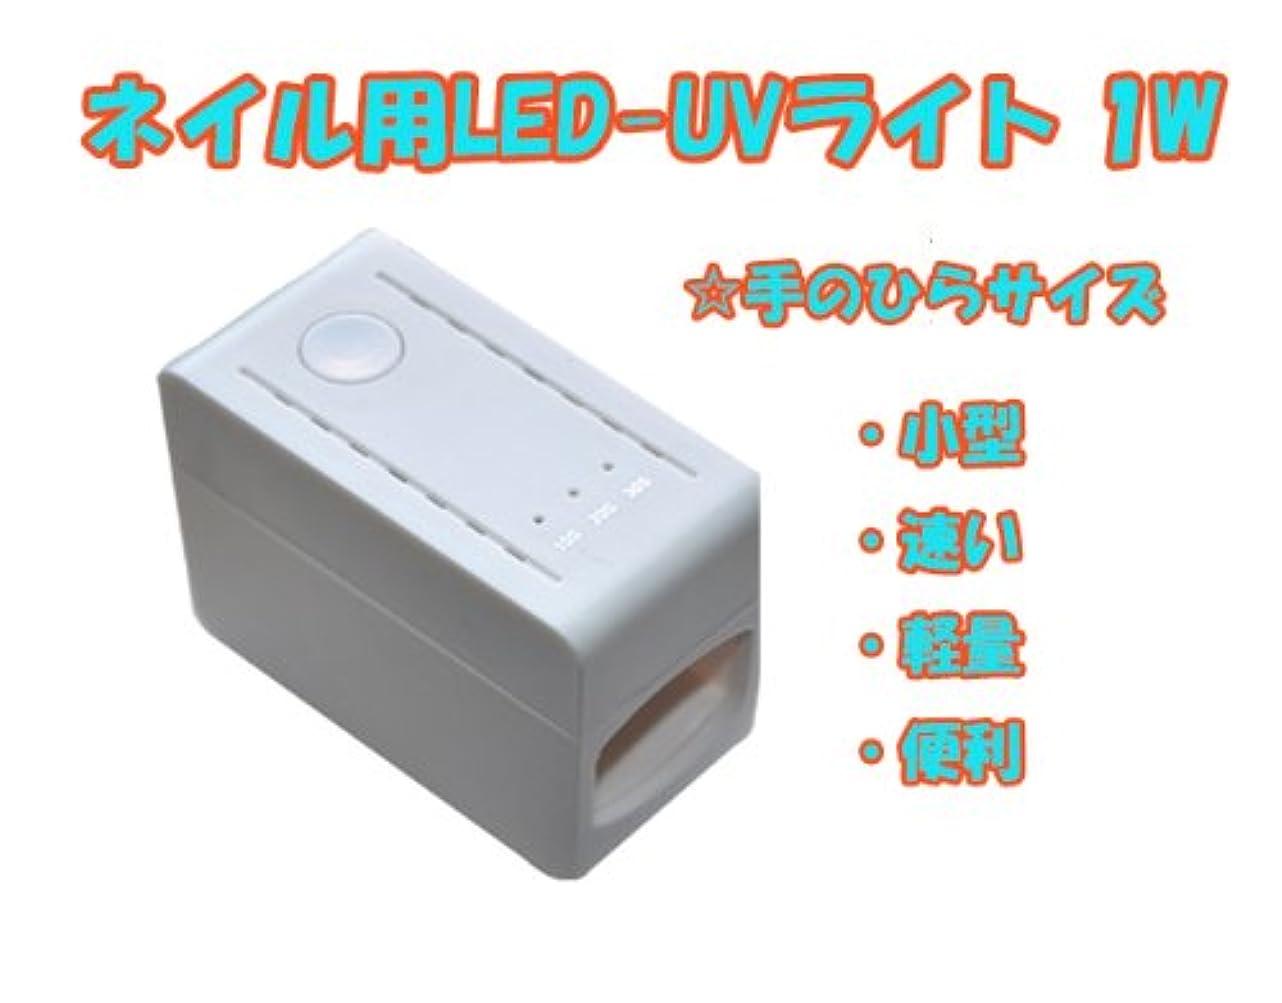 ほんの見せますマトロン【新入荷】【即納】コンパクトサイズのネイル用LED-UVライト 1W /タイマー付き もれなくカラージェル5g(LED&UV両方対応)一個お付けいたします(カラーはスタッフにお任せ下さい)